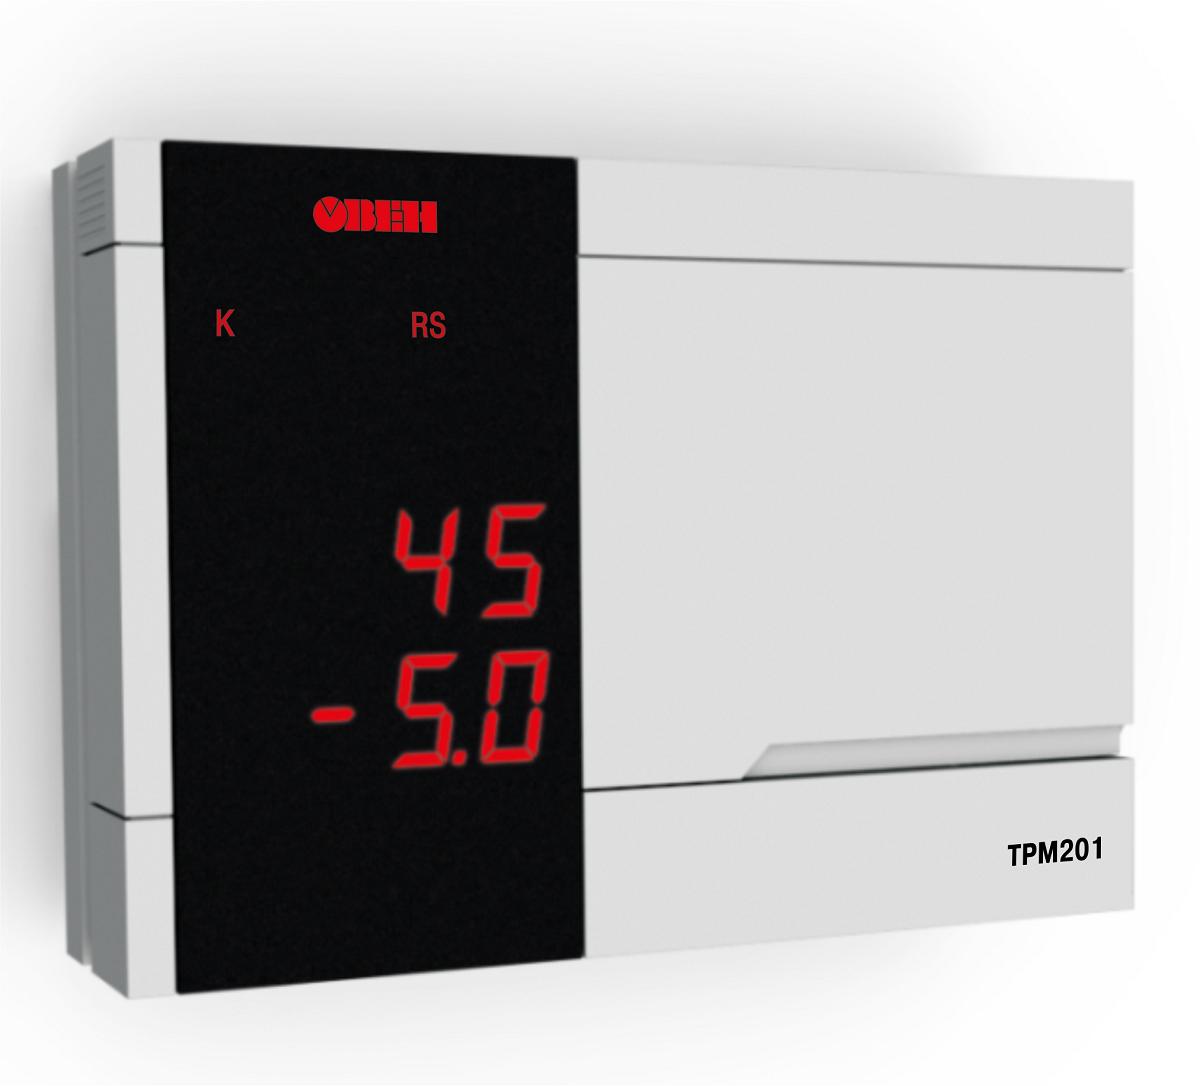 Измеритель-регулятор одноканальный с RS-485 ОВЕН ТРМ201